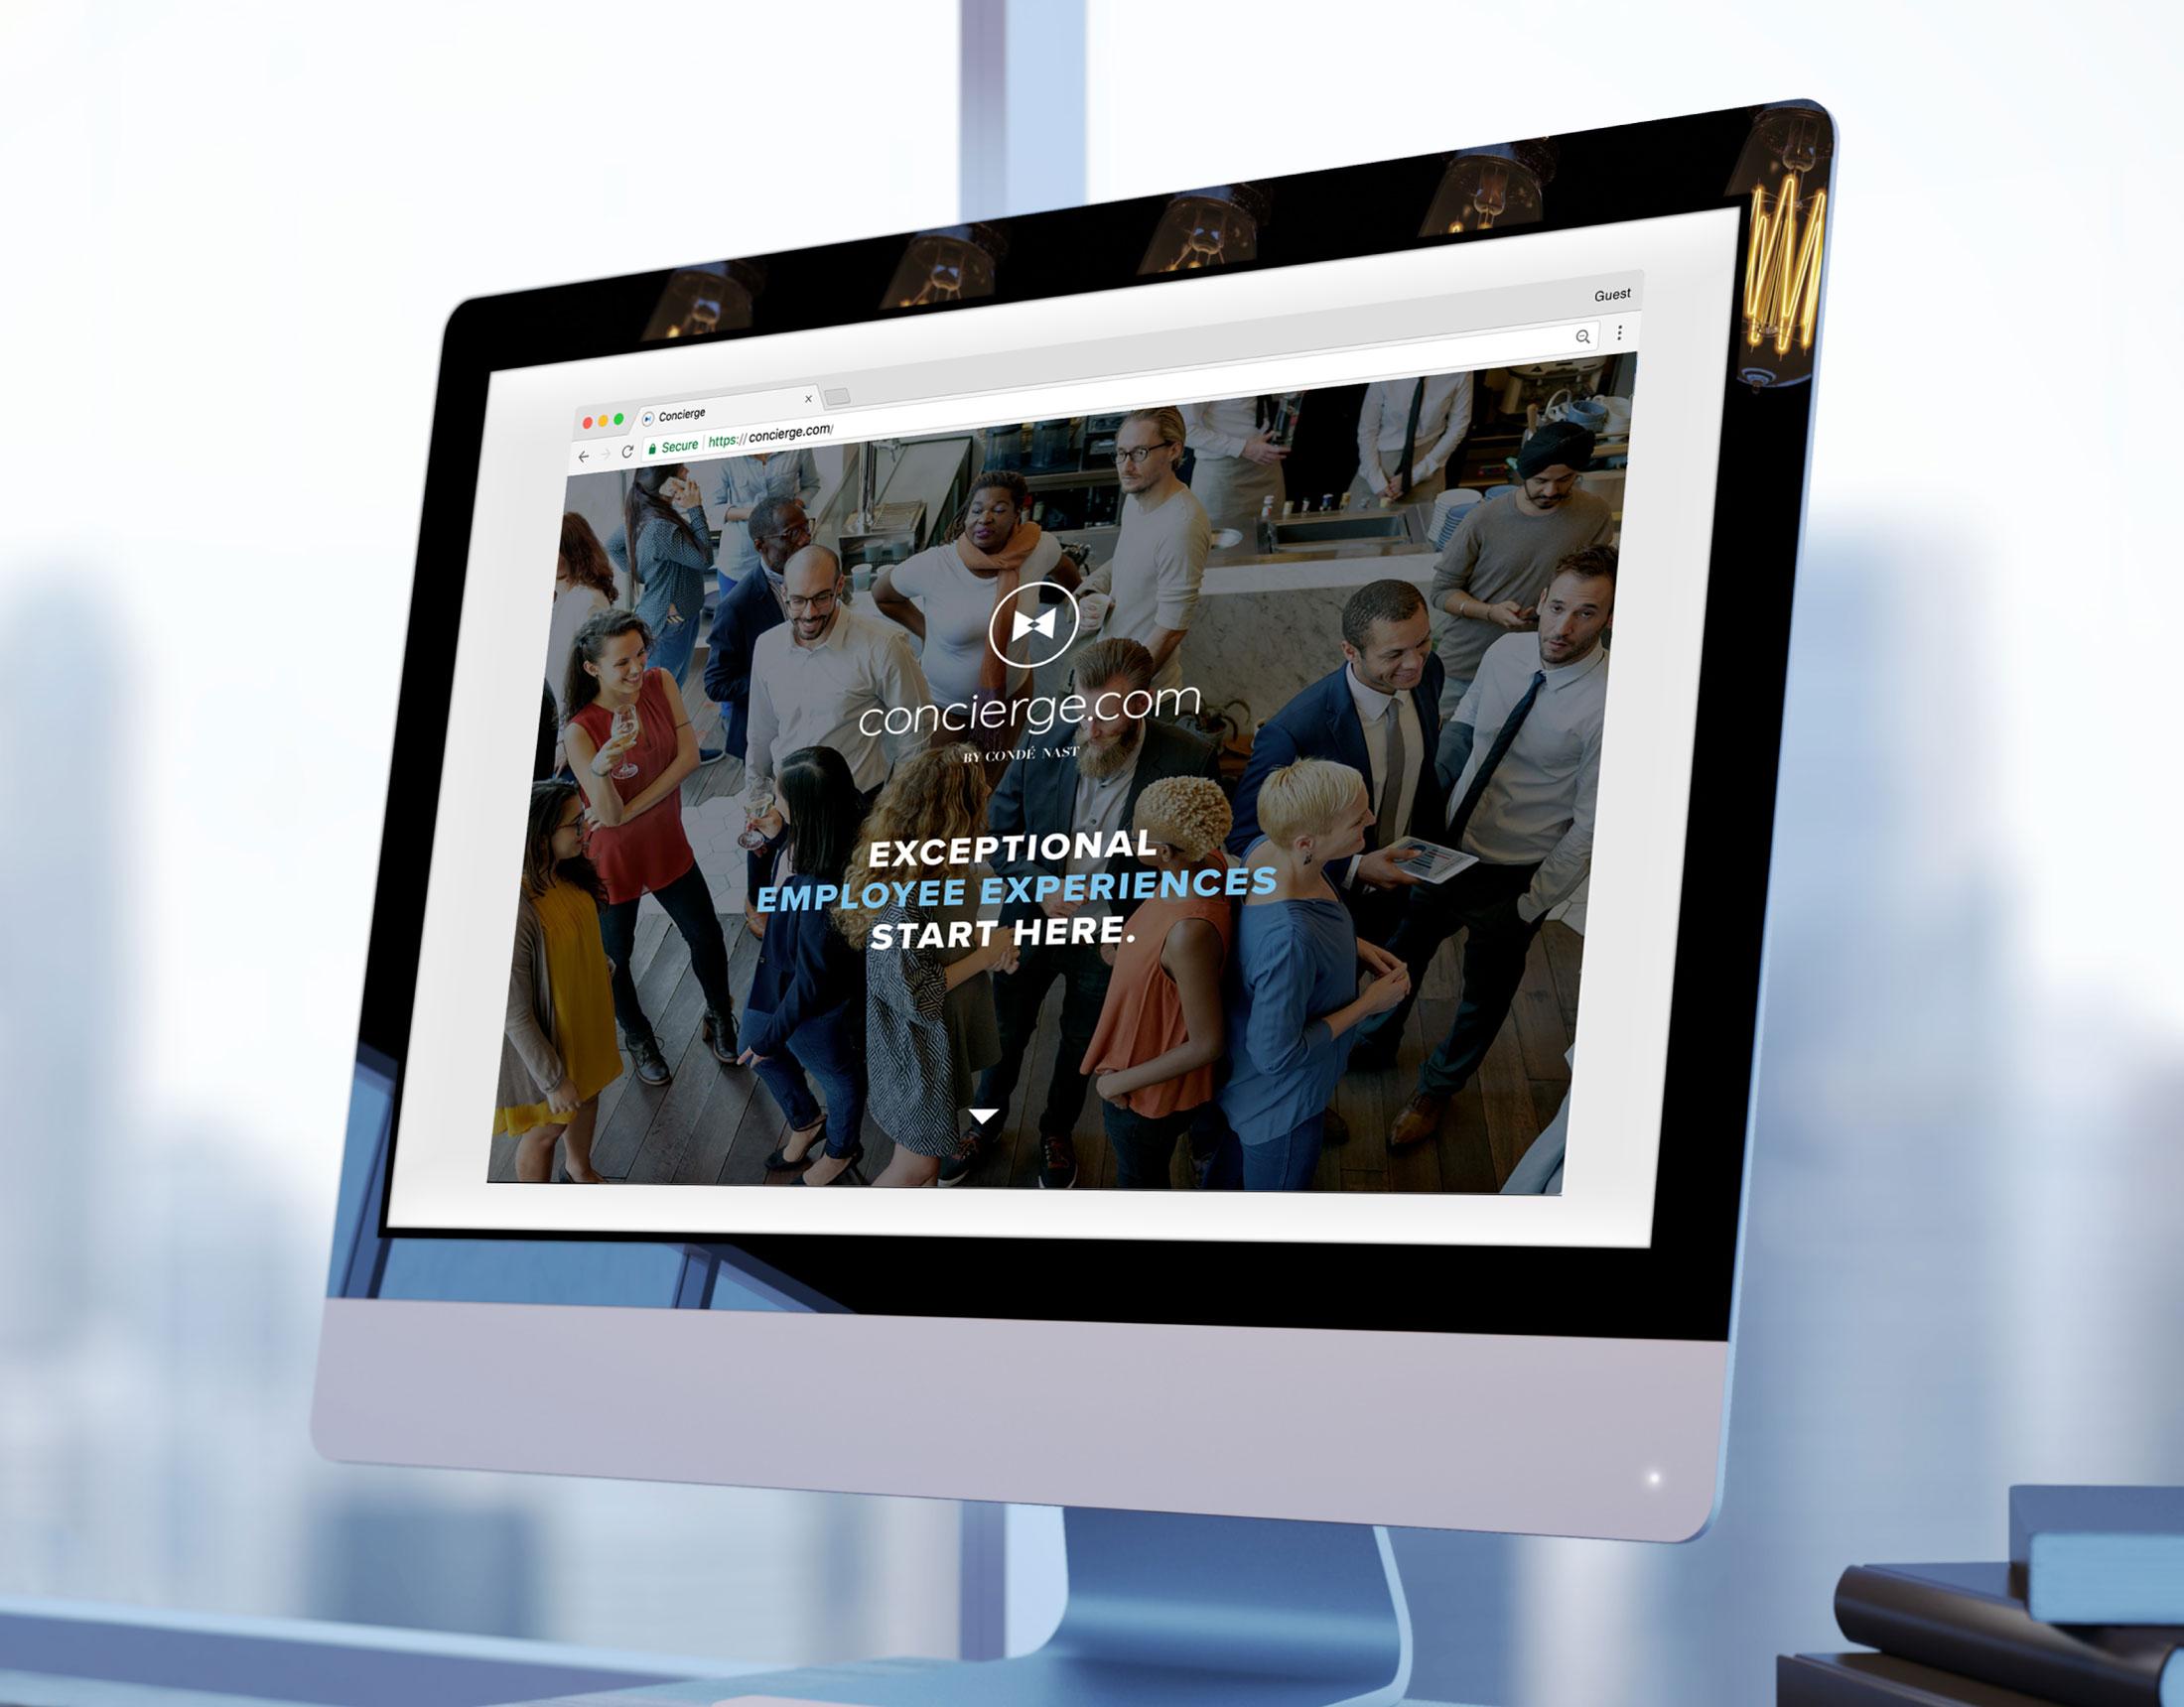 Concierge.com website